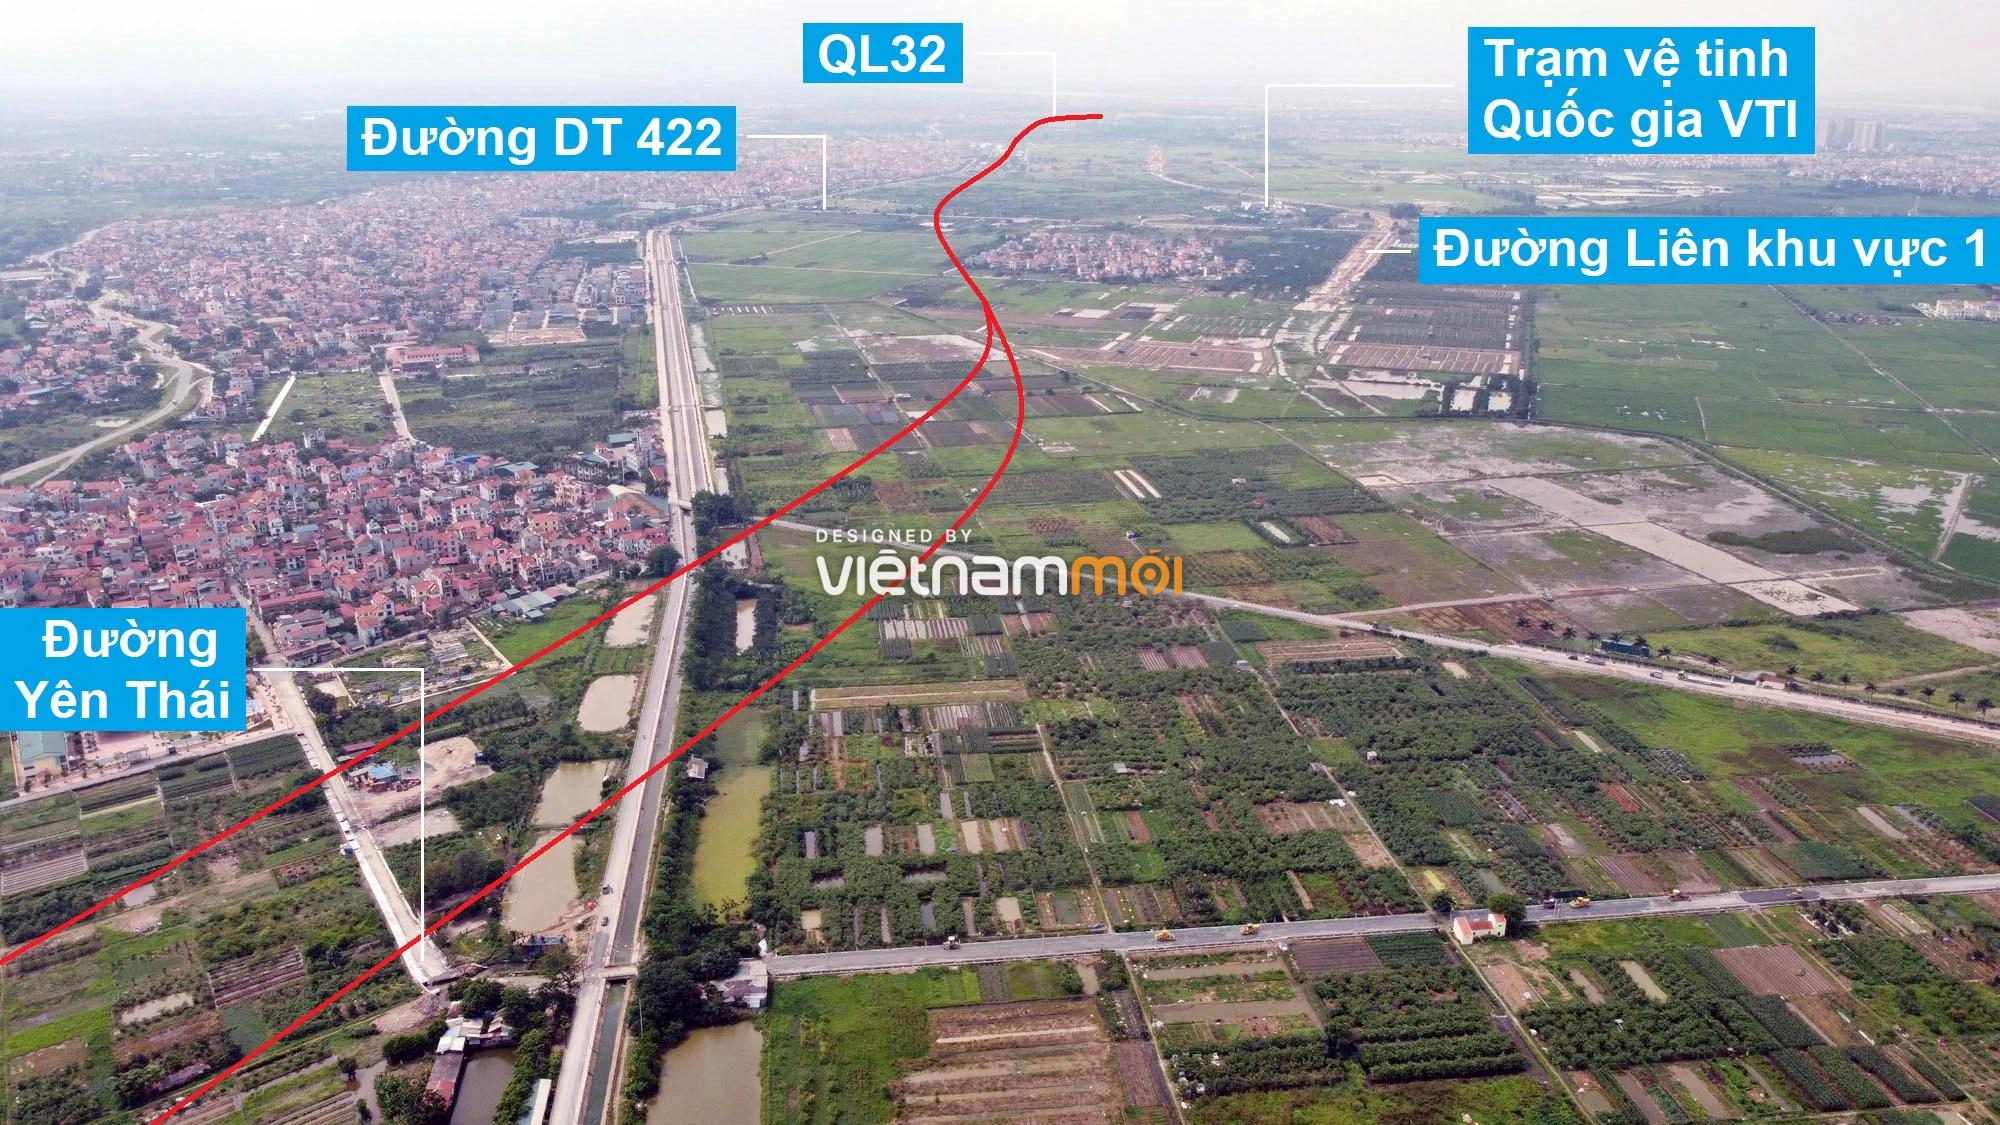 Đường Vành đai 4 sẽ mở theo quy hoạch qua huyện Hoài Đức, Hà Nội - Ảnh 6.